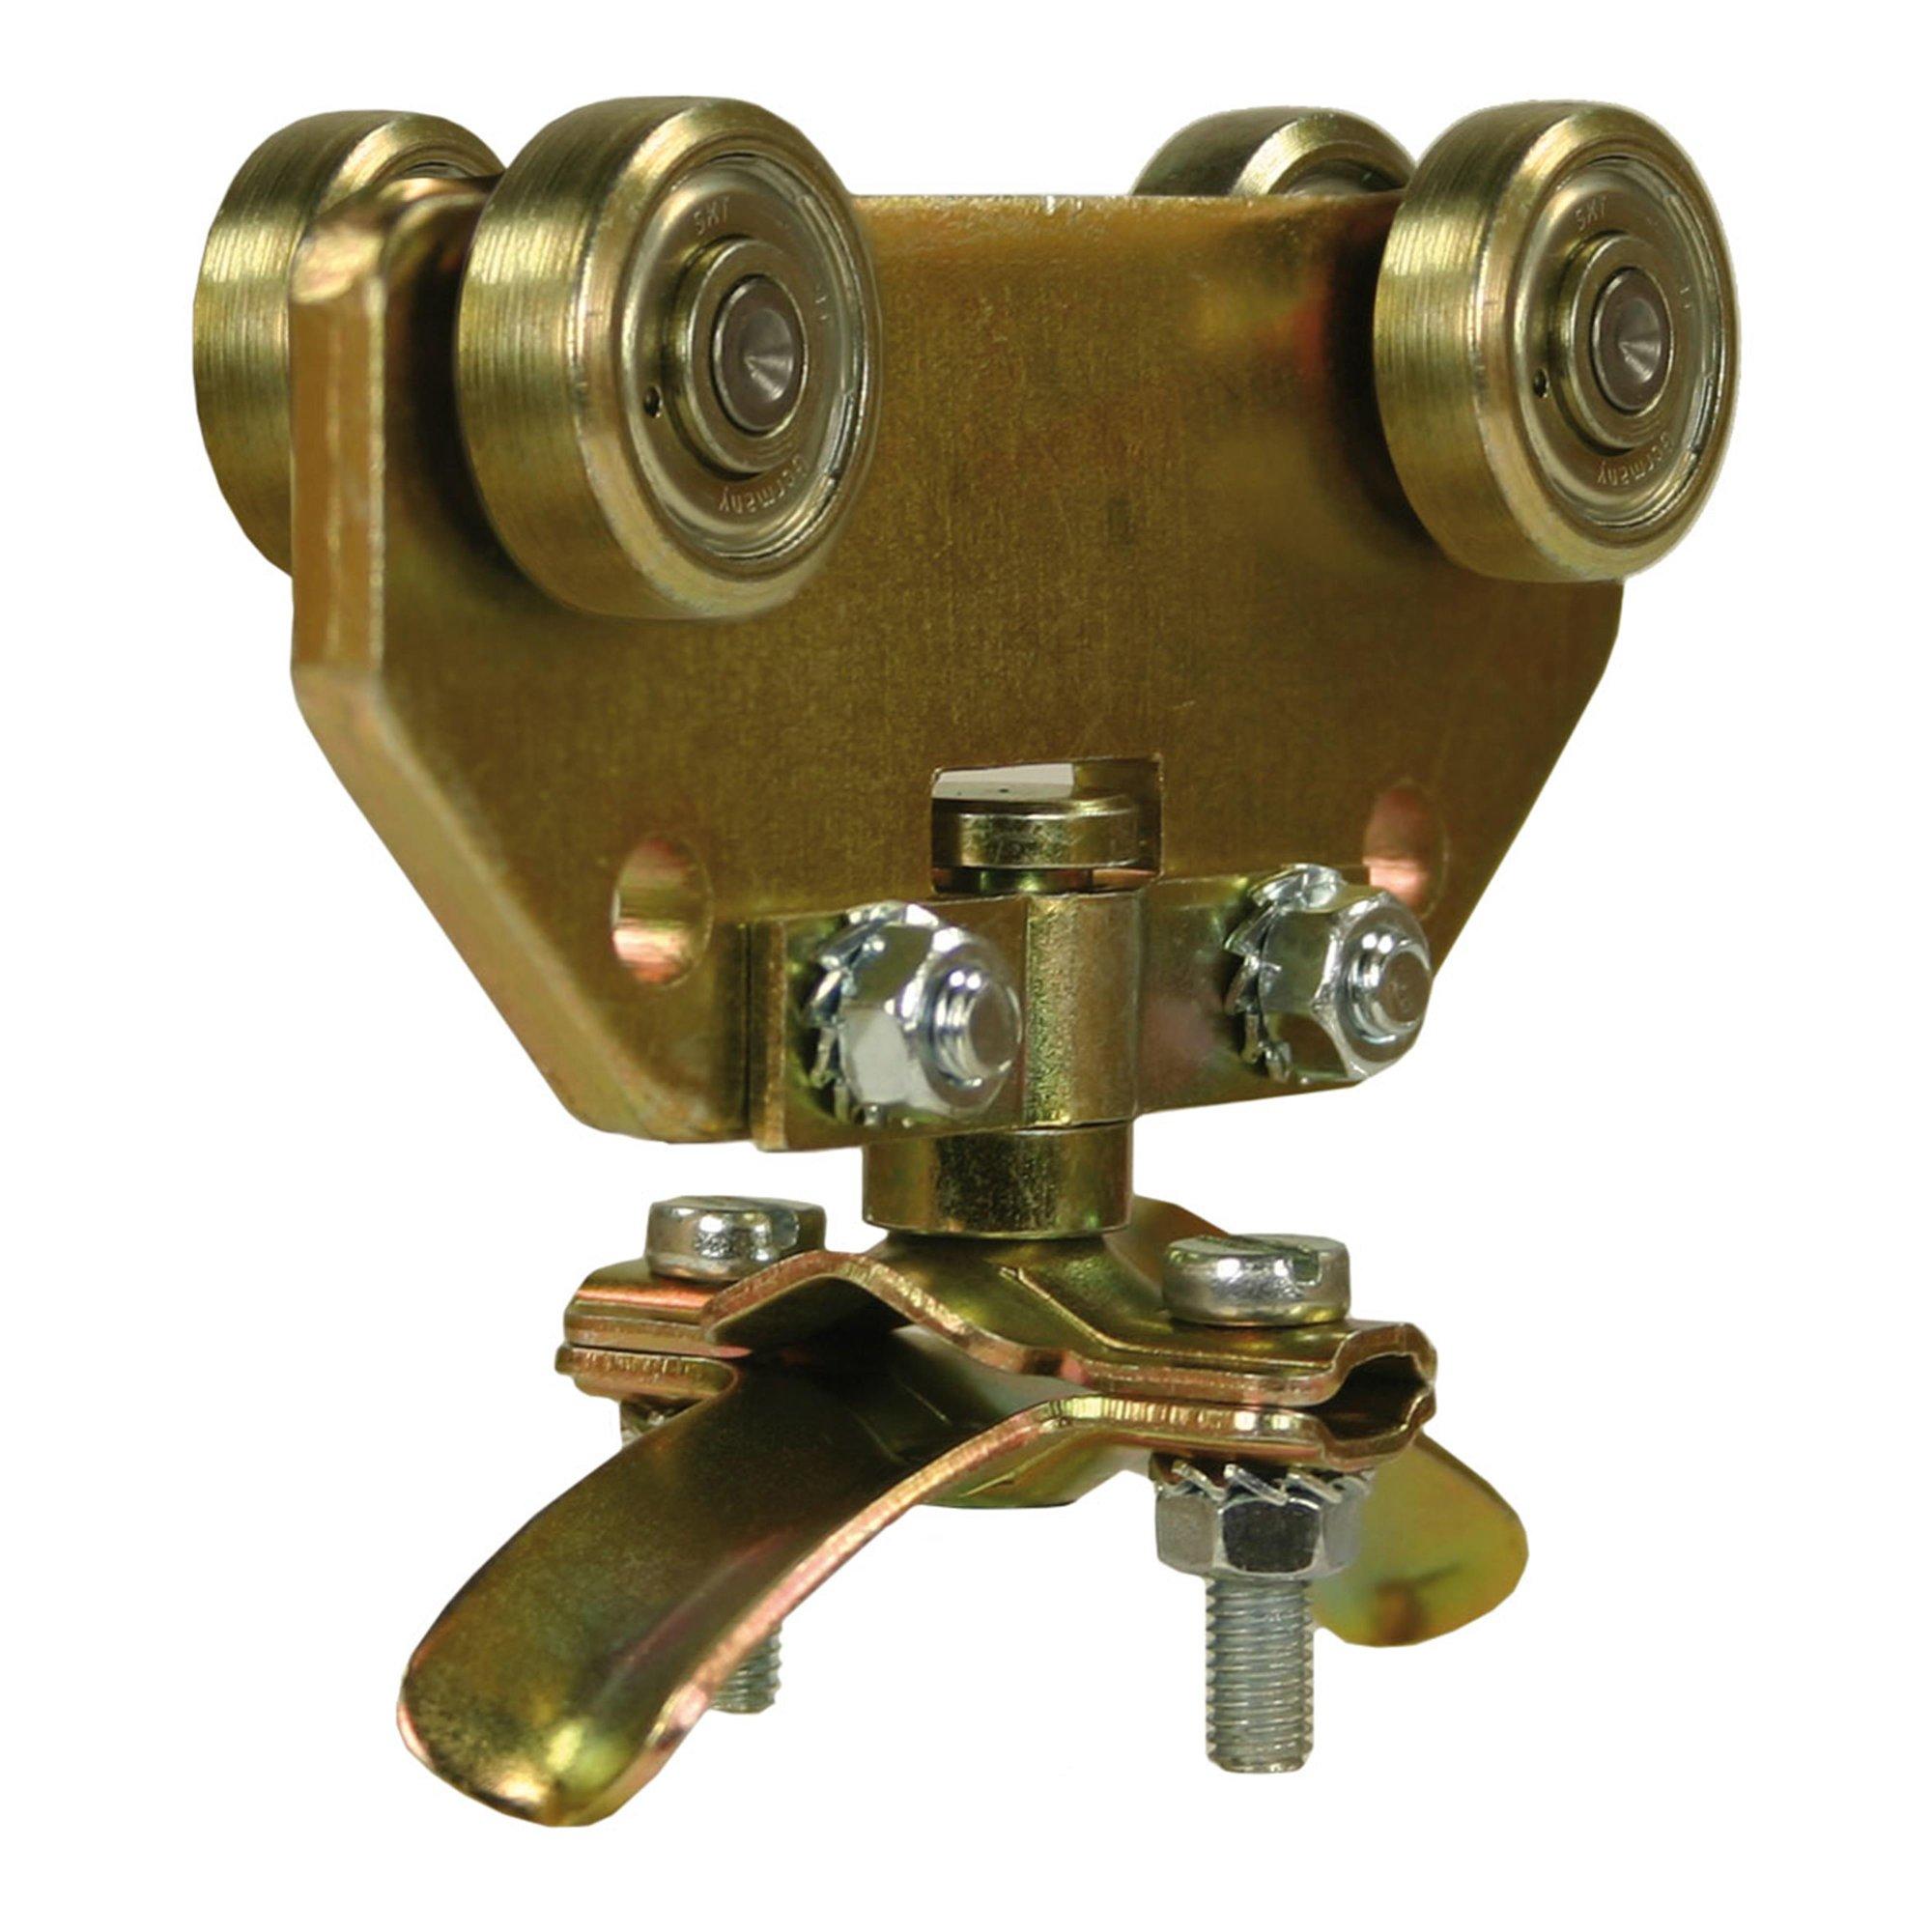 Helm Schlauchwagen 8-15mm Profil:30mm